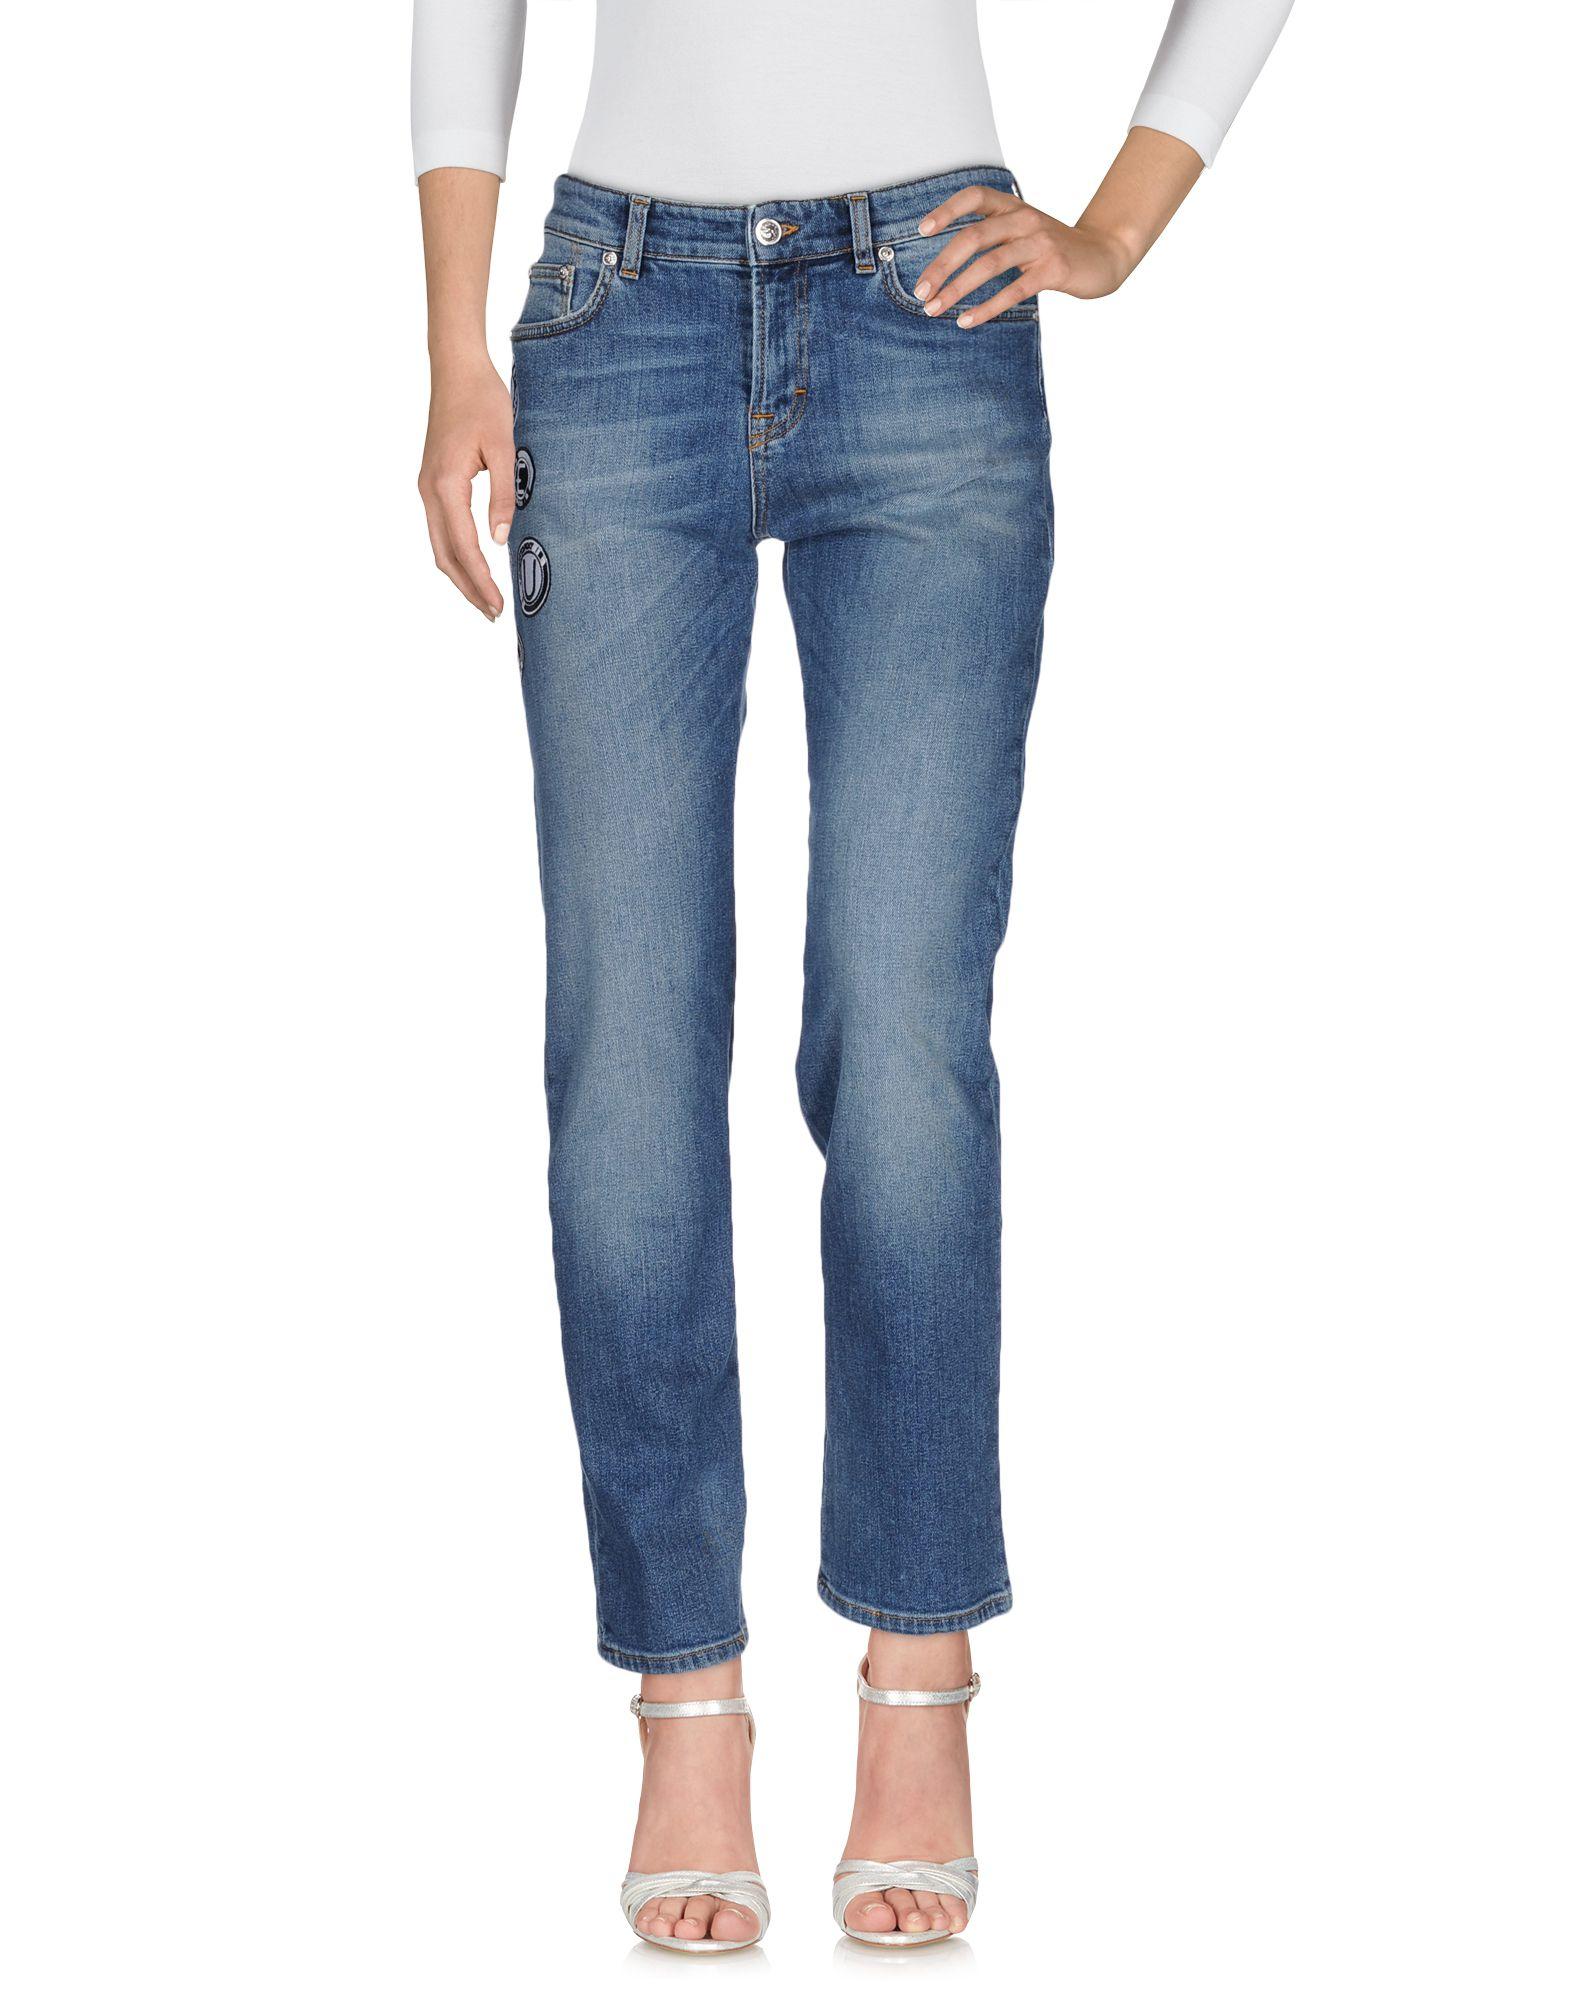 Jeans Aux À FemmesAcheter Versace Par Rapport En Ligne BoxeQrdCWE